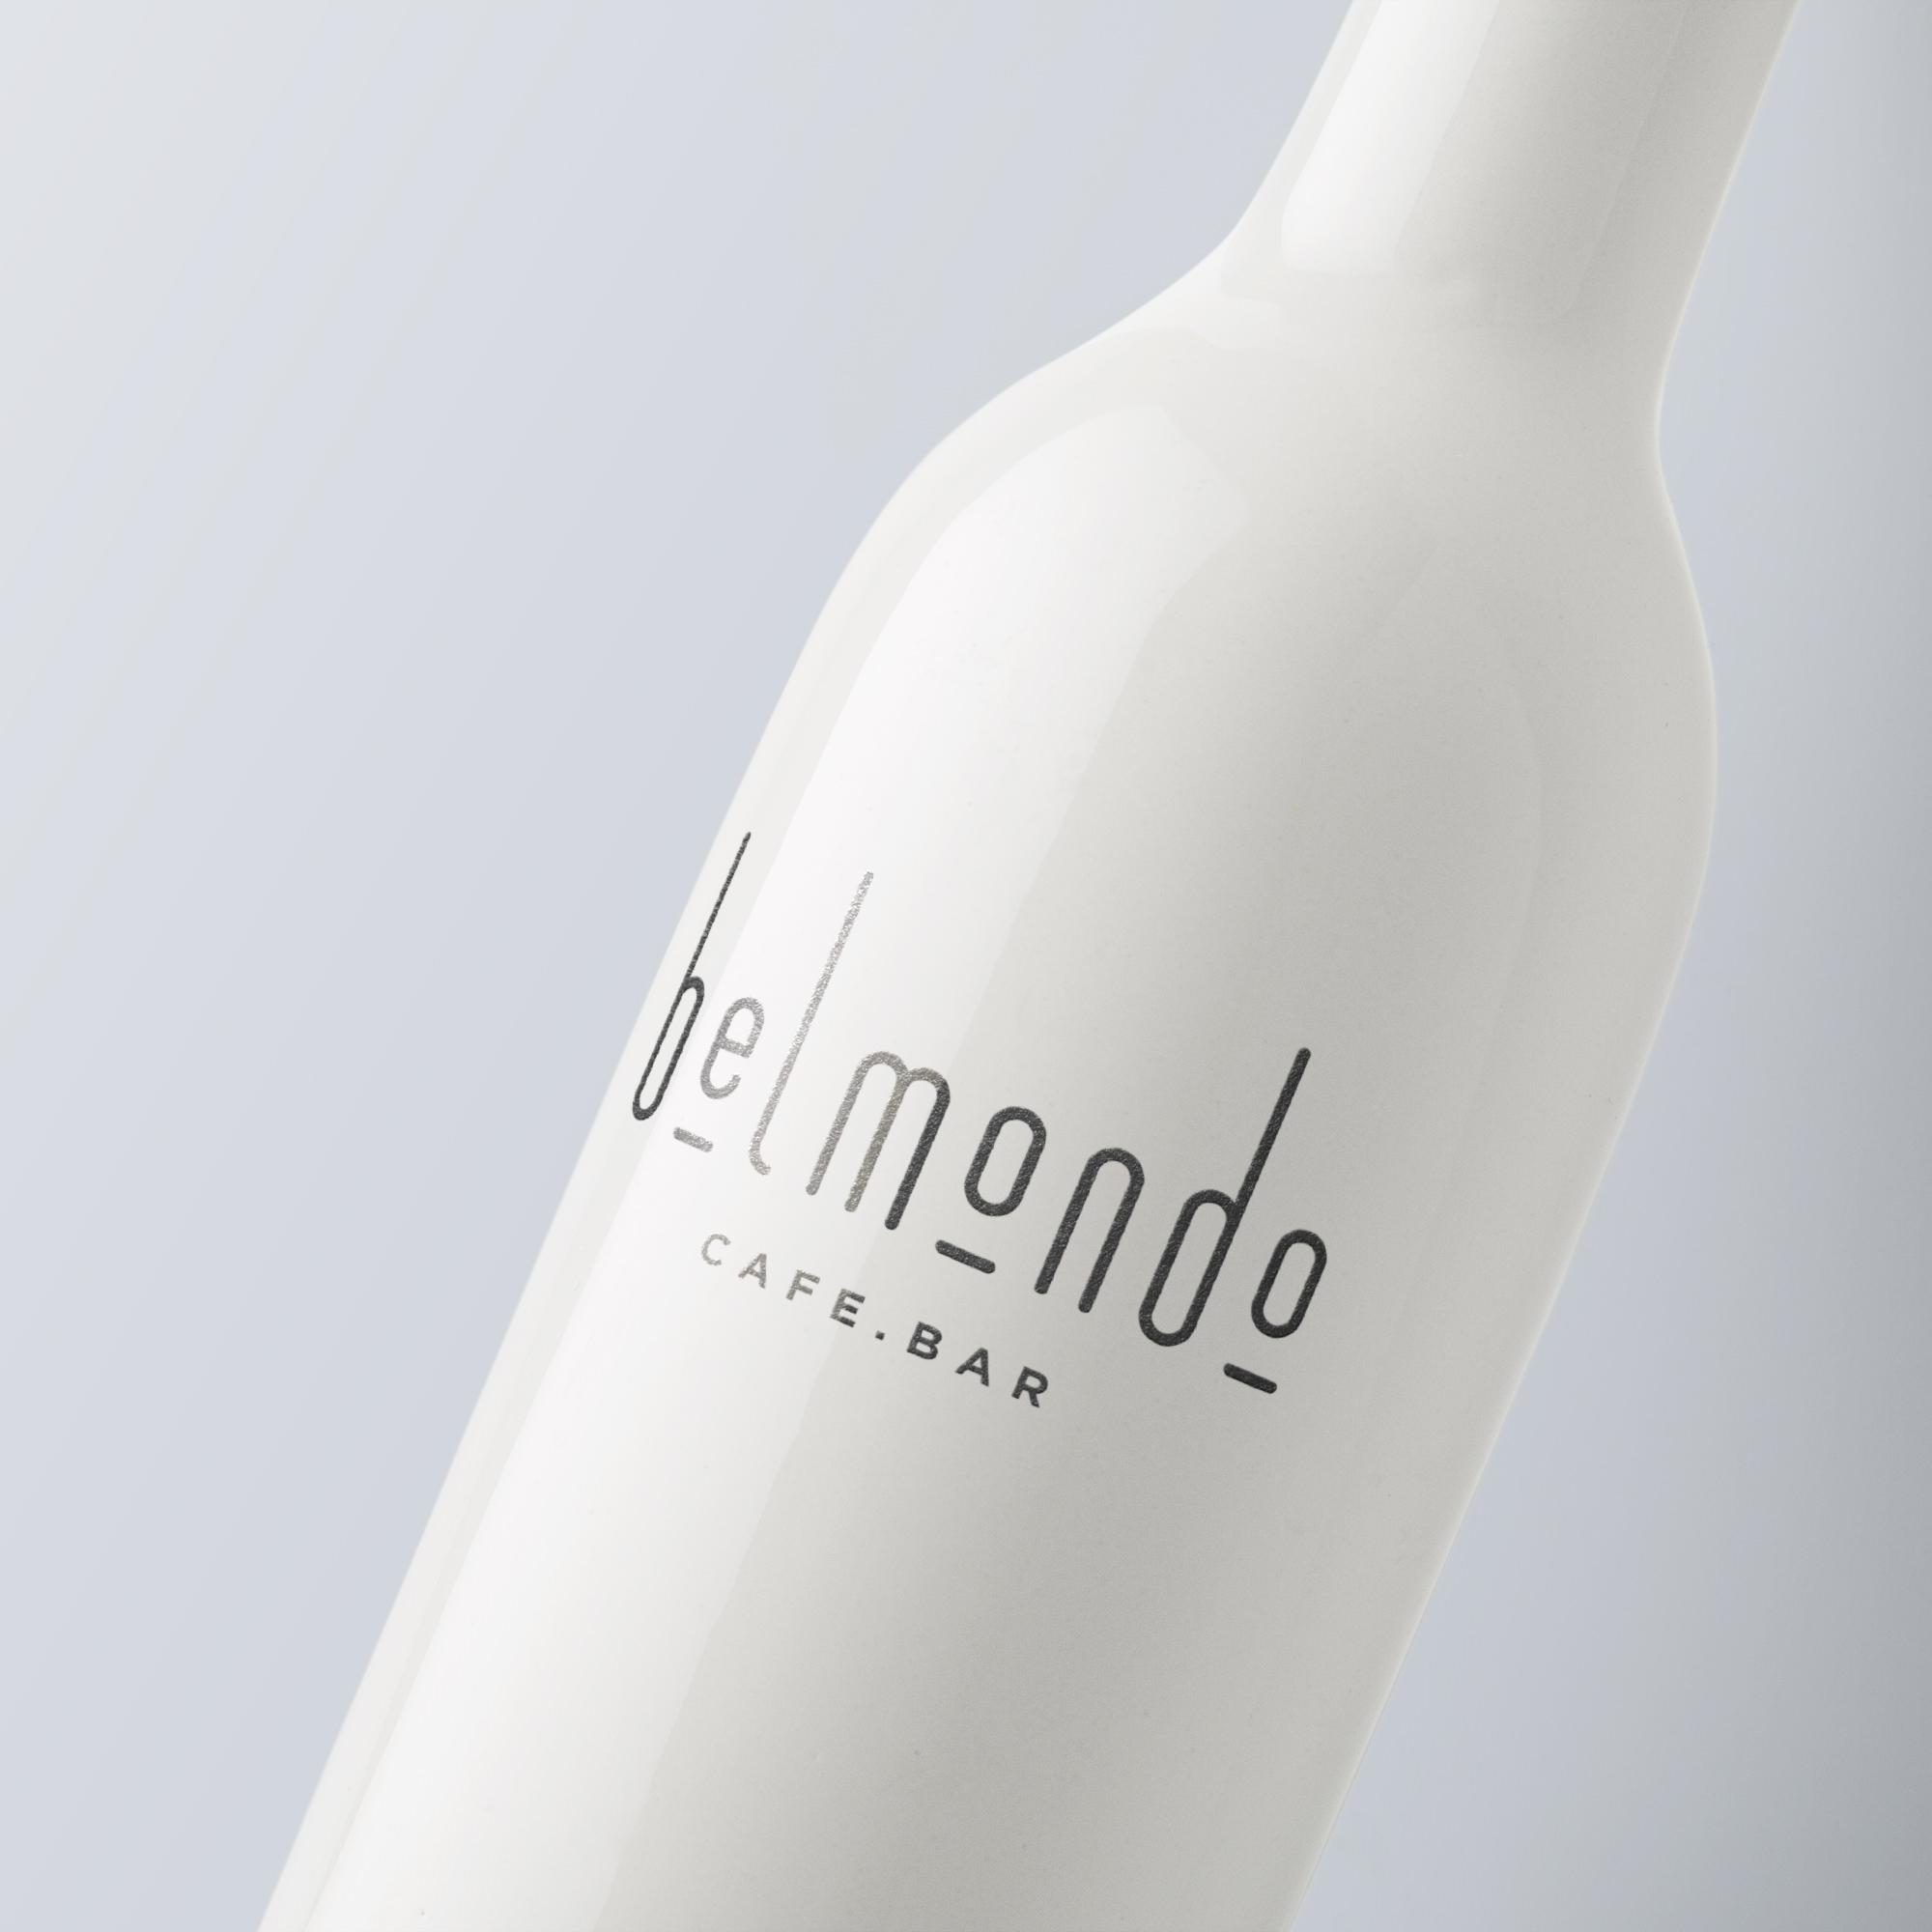 belmondo-bottle